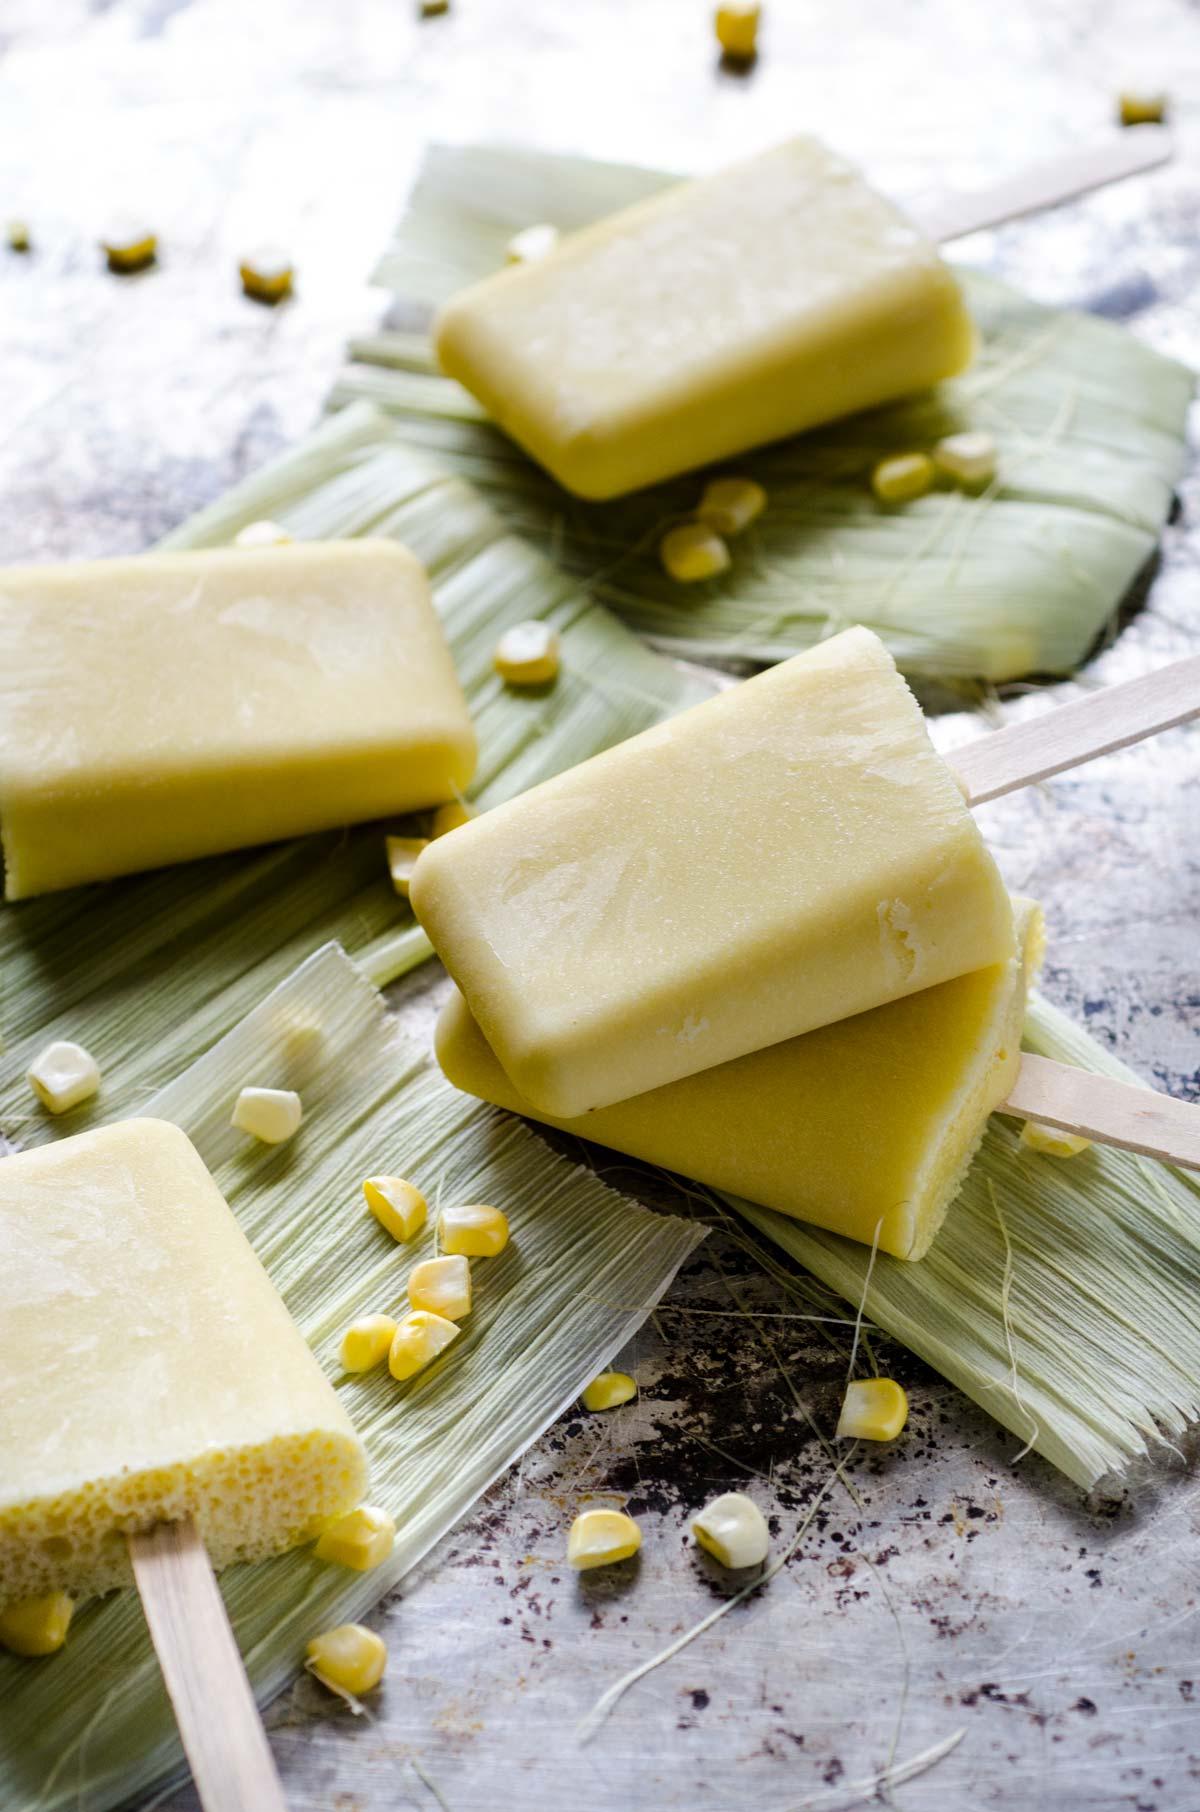 Estas paletas de elote son fáciles de hacer y son un refrigerio perfecto para los días calurosos. Utilicé leche de almendras para hacerlas pero si quieres una paleta más decadente puedes usar leche de coco.